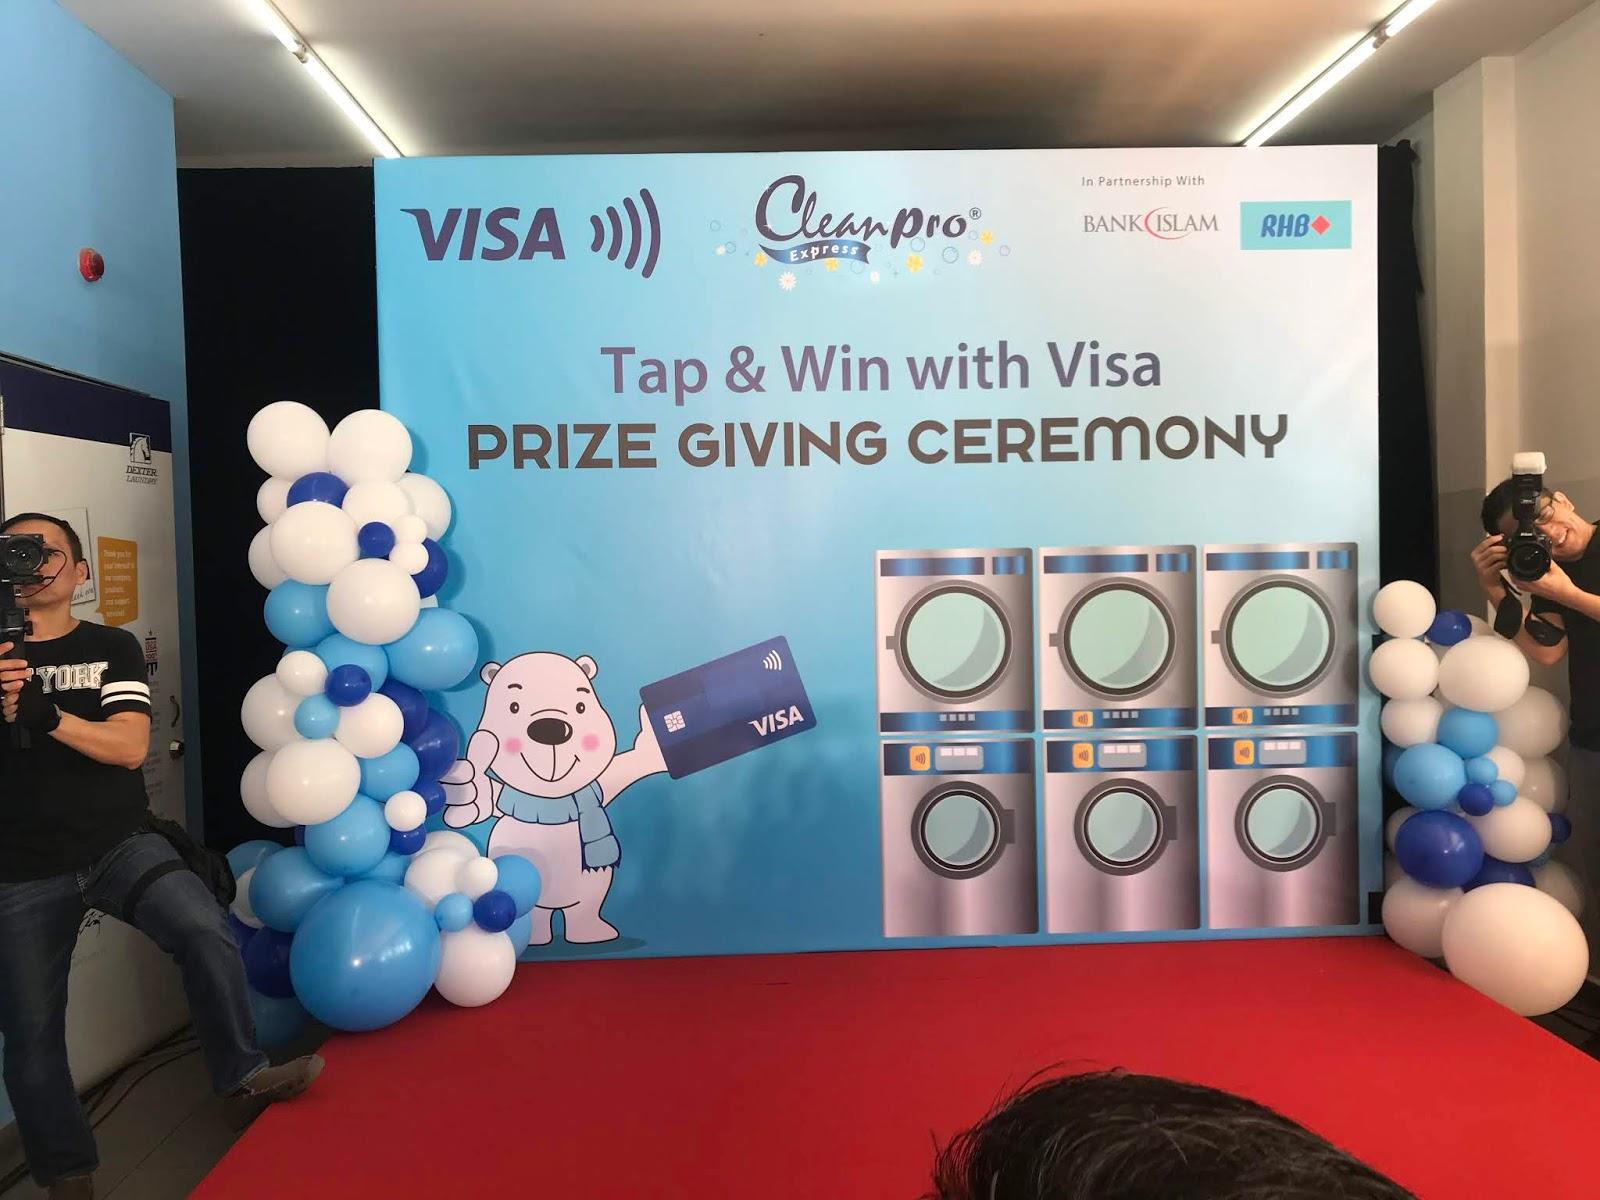 Cleanpro Ekspres Dan Visa Umumkan Pemenang Bertuah Peraduan Sentuh & Menang